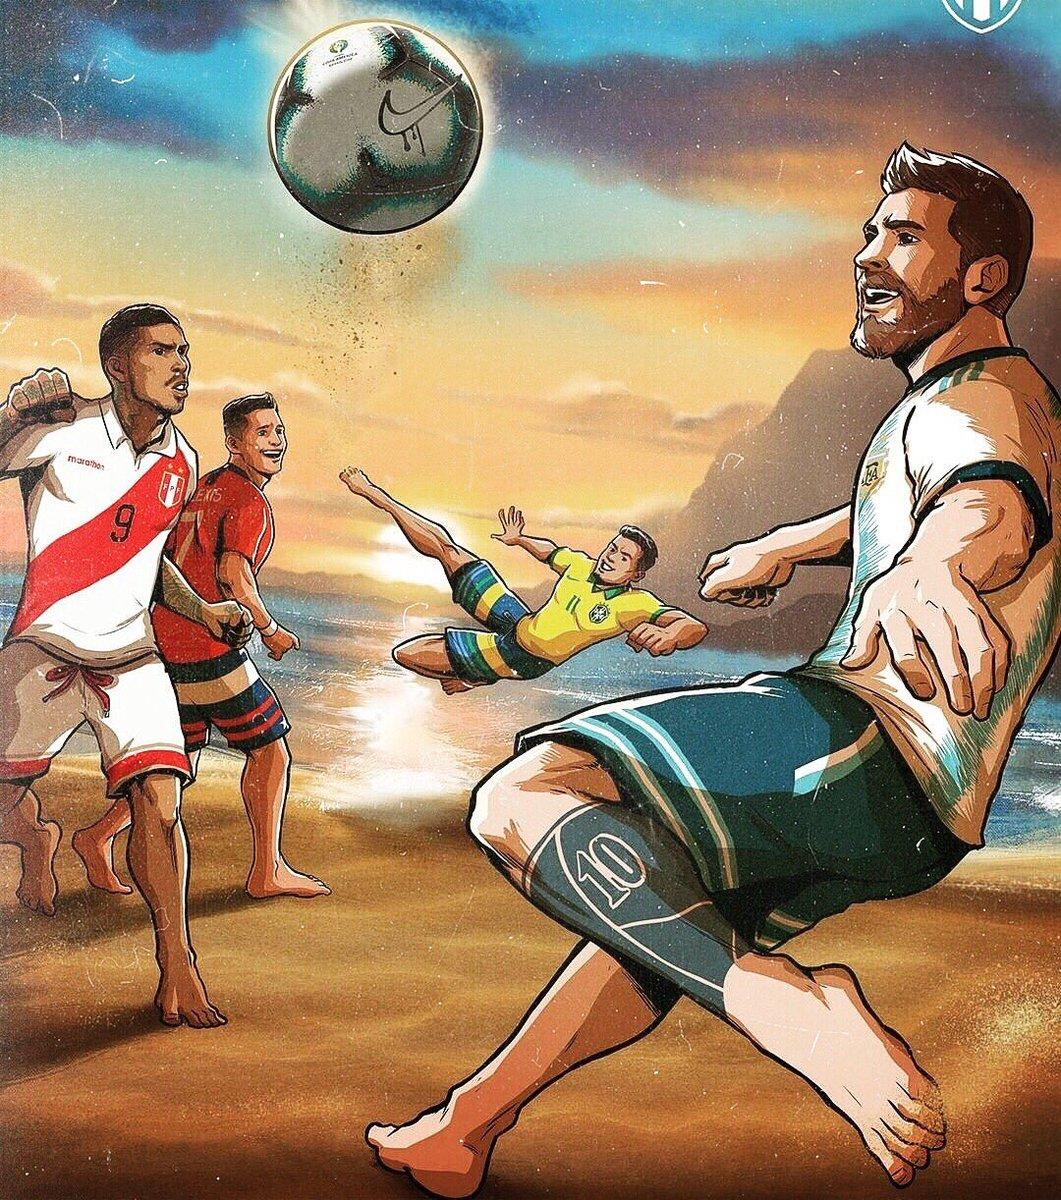 Dos clásicos se verán en la semifinal de la Copa América 2019